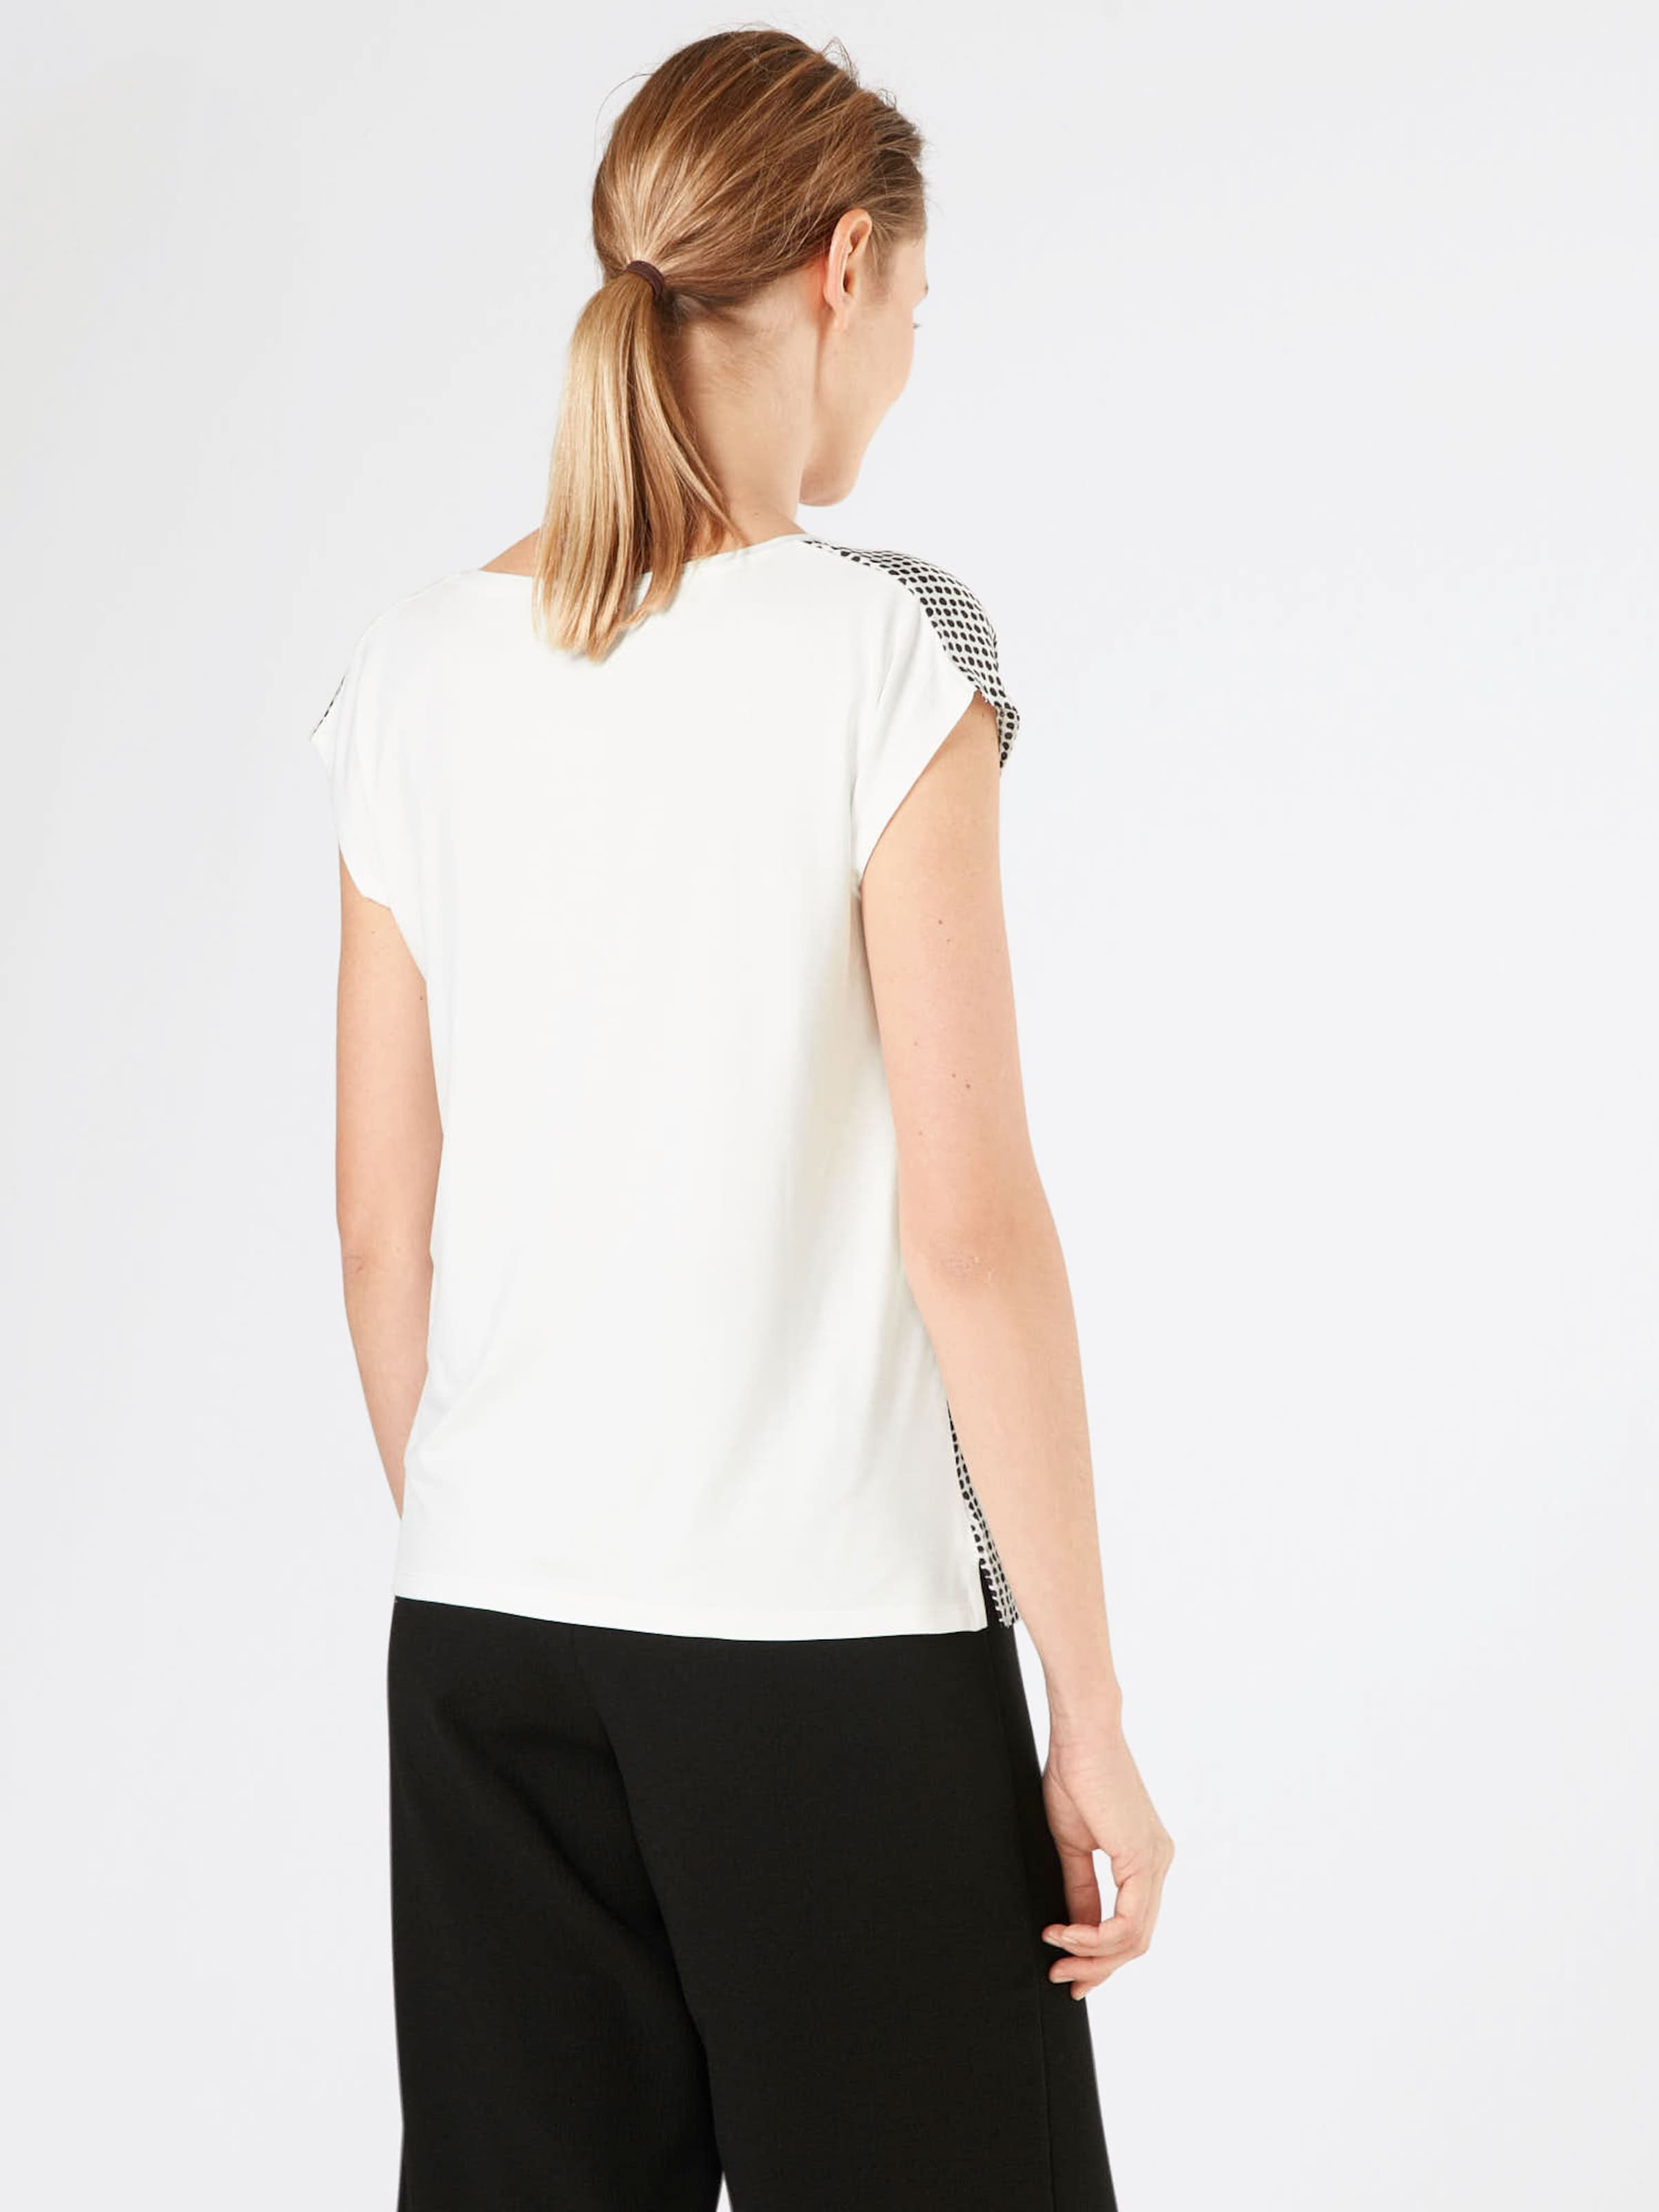 Moreamp; shirt T GrauWeiß In Tunika D29EIYHeWb